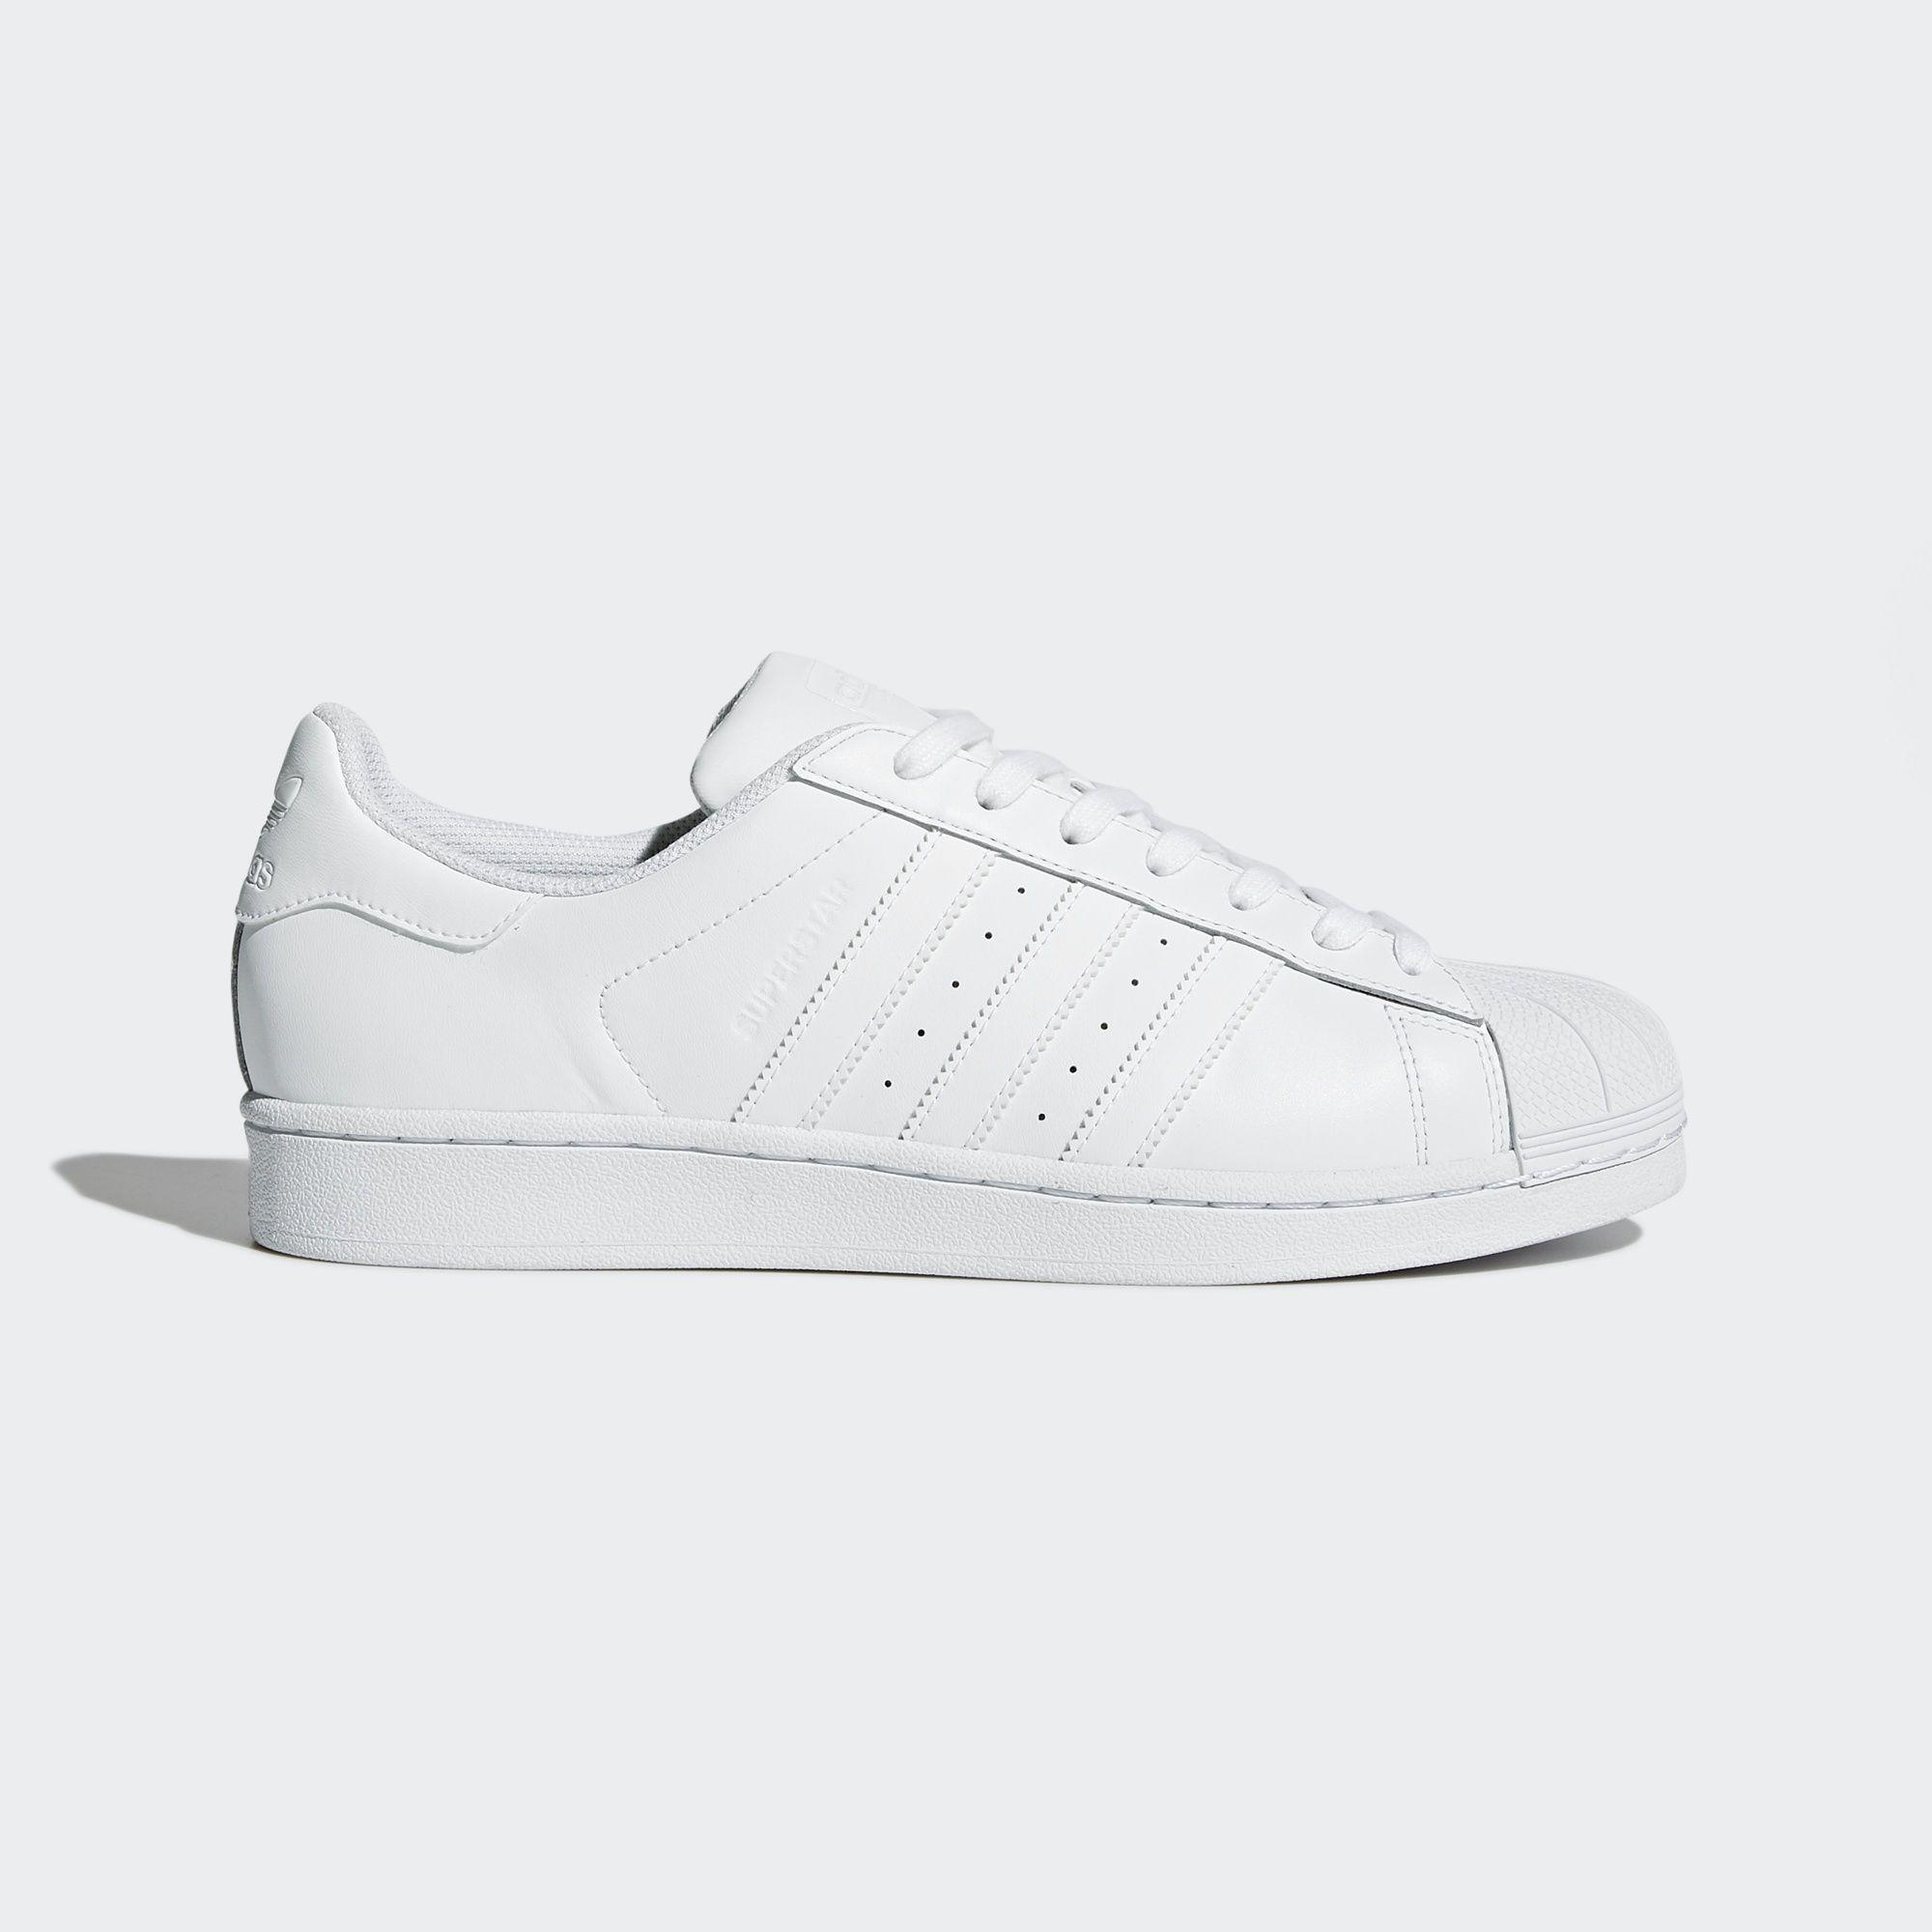 Superstar Foundation Schuh E In 2019 Adidas Schuhe Weiss Adidas Superstar Schuhe Und Adidas Superstar Weiss